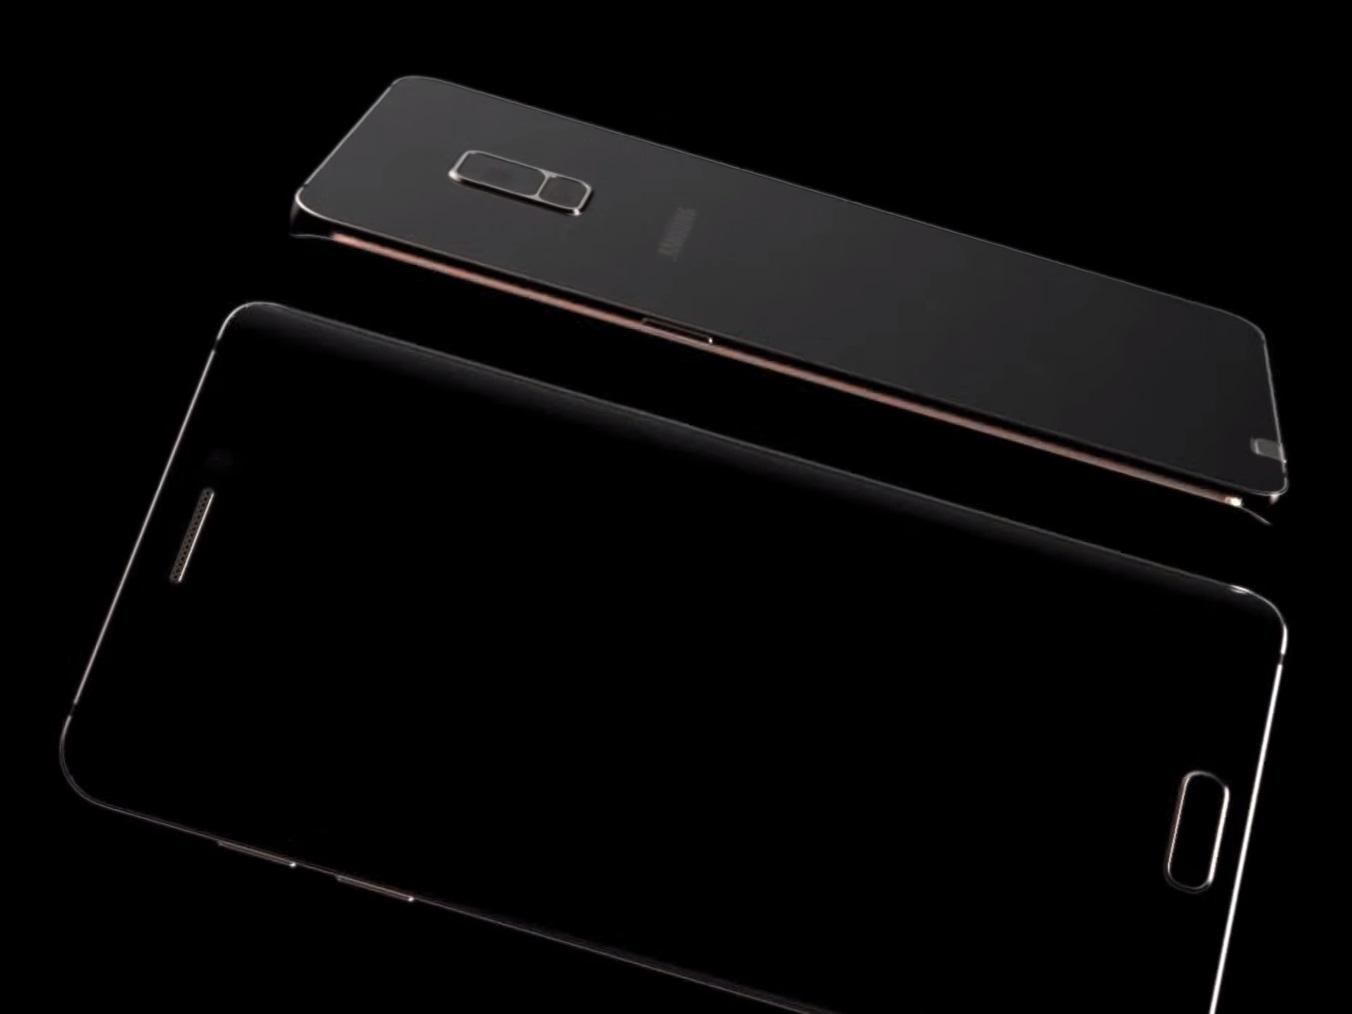 Samsung-Galaxy-Note-5-edge-renders-2